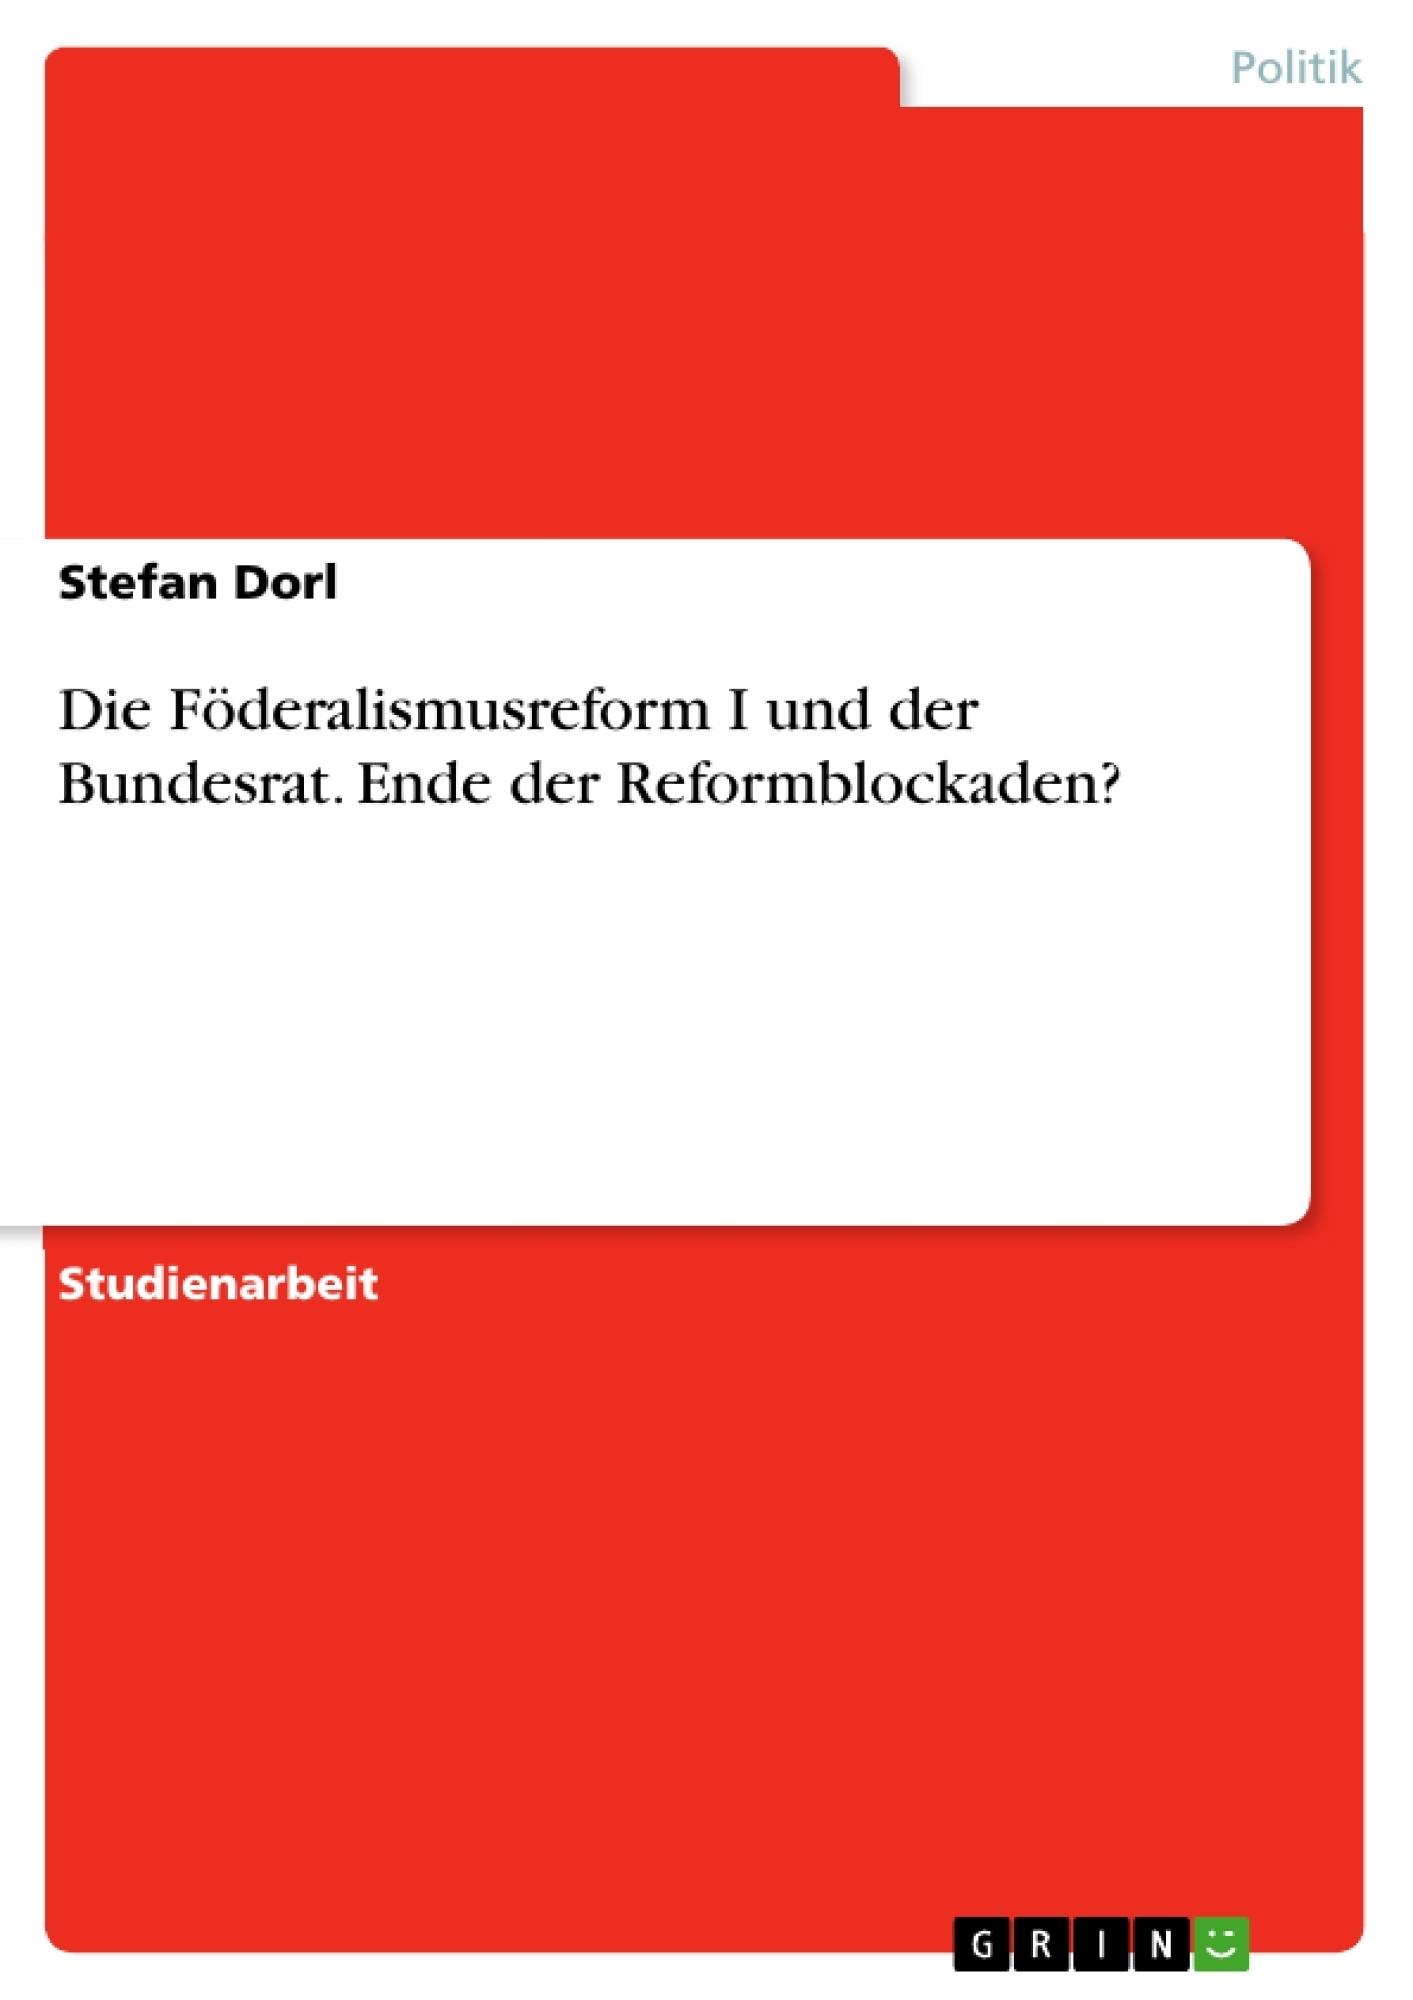 Titel: Die Föderalismusreform I und der Bundesrat. Ende der Reformblockaden?